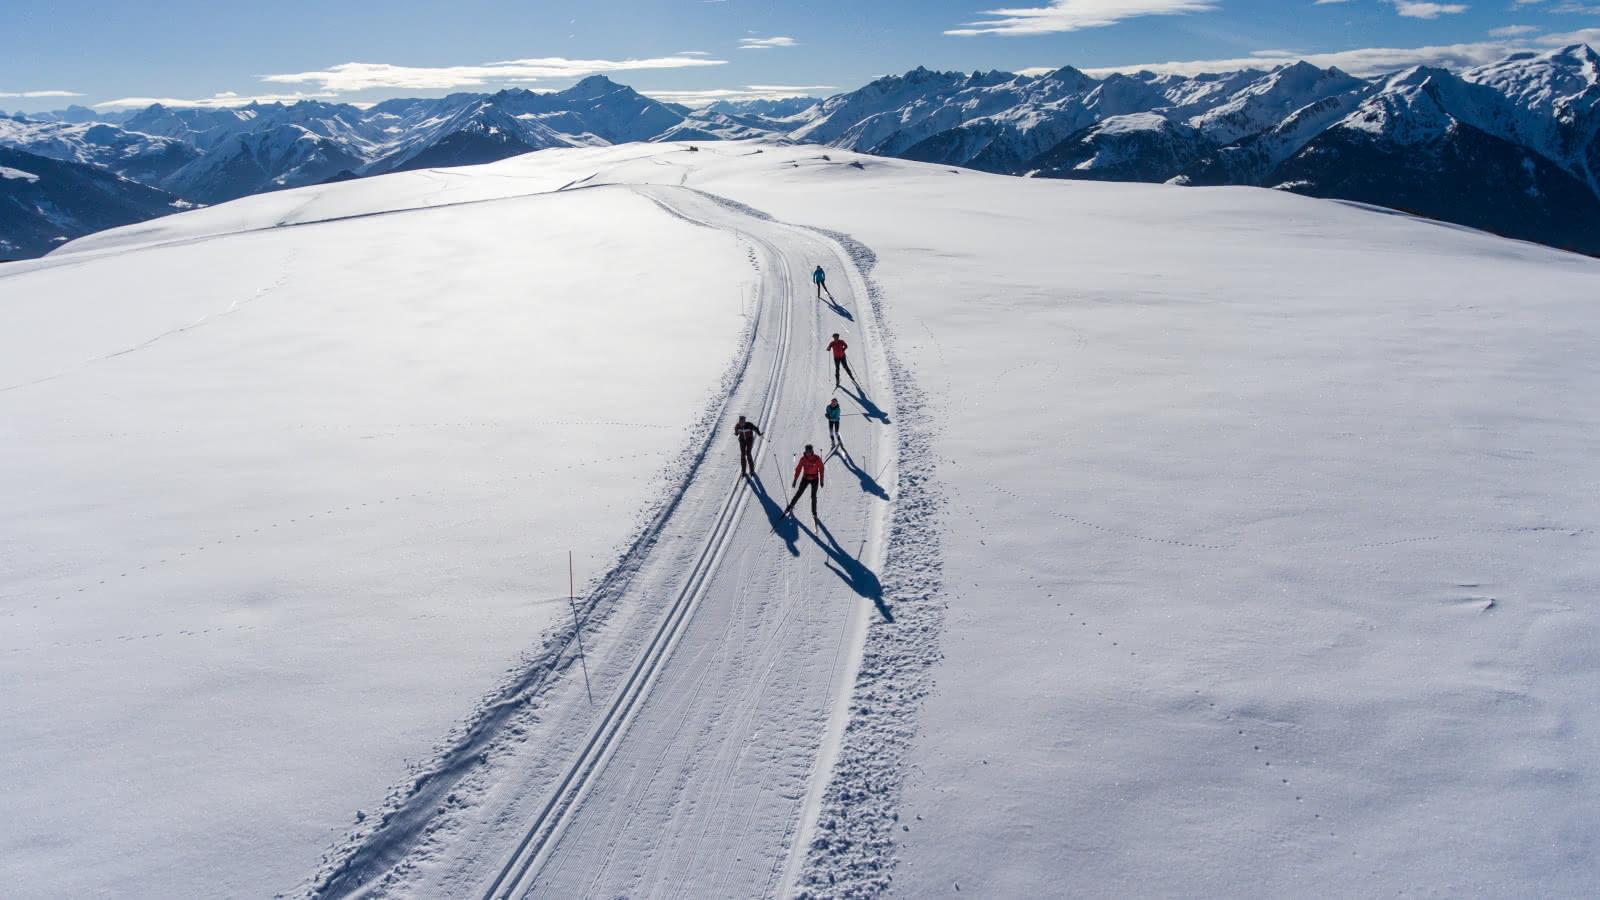 Fondeurs sur la piste de ski de fond du Carolet